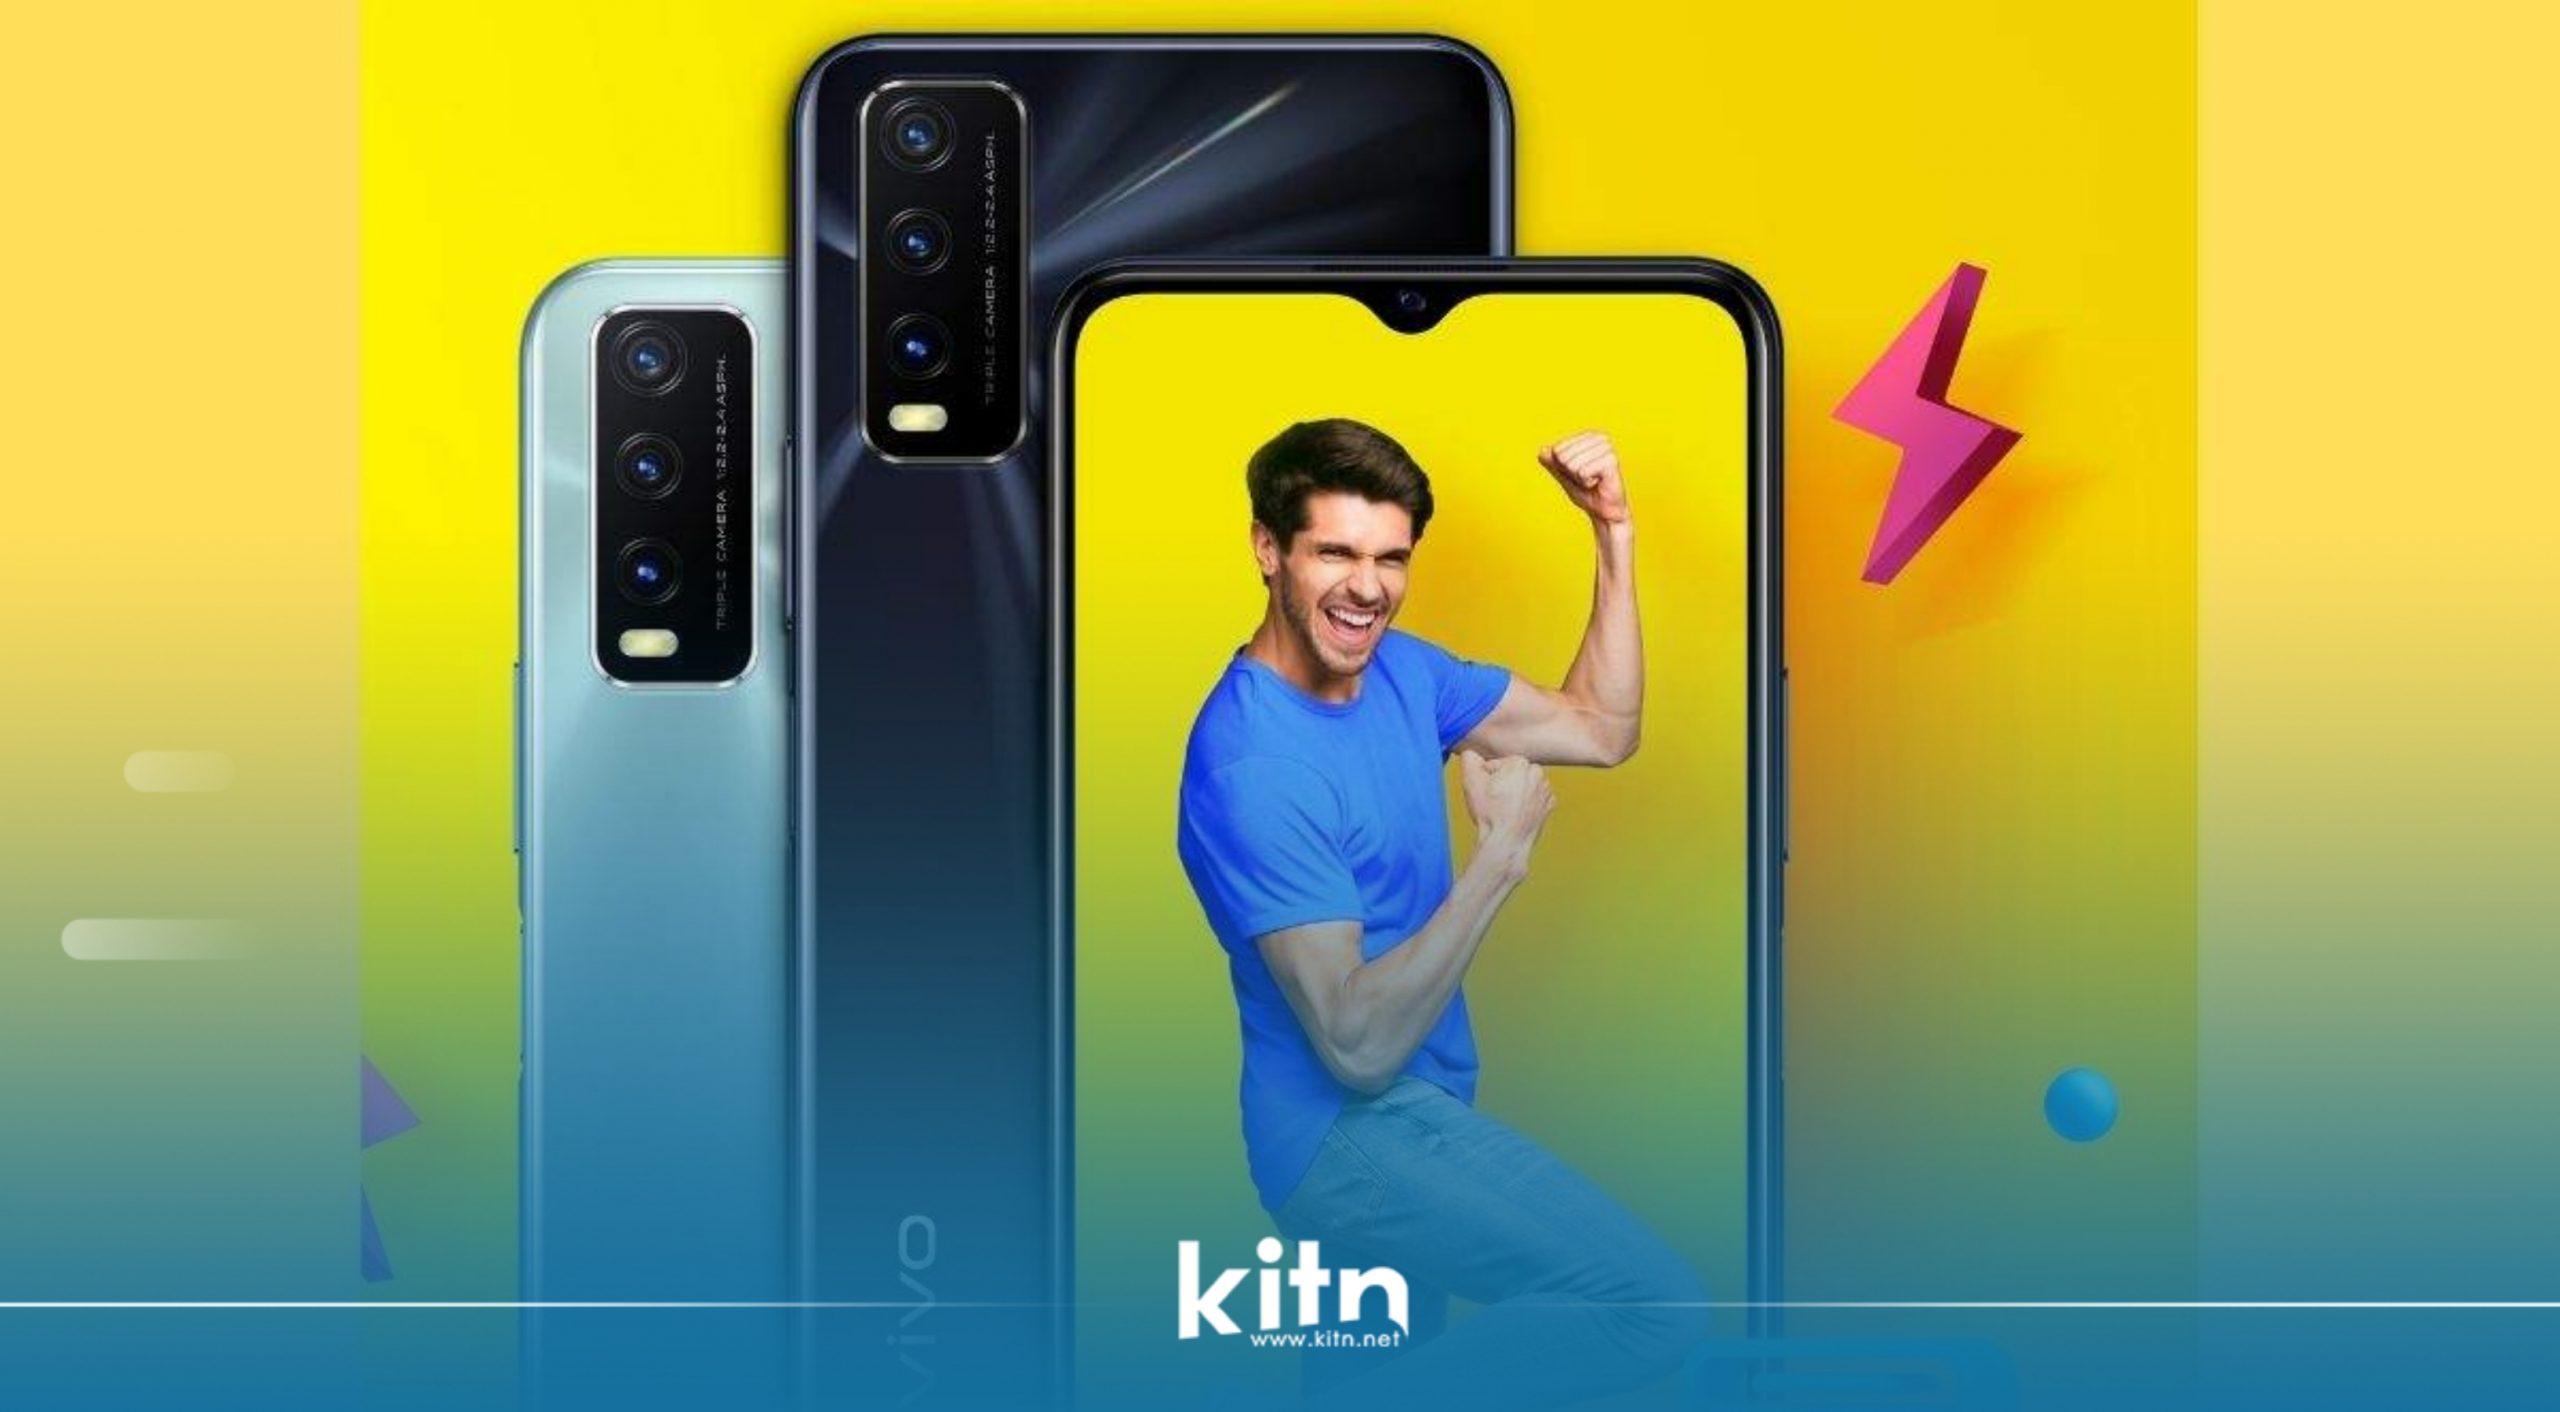 بە فەرمی مۆبایلی Vivo Y20G بە چیپسێتی میدیاتێک Helio G80 و زیاترەوە نمایش کرا